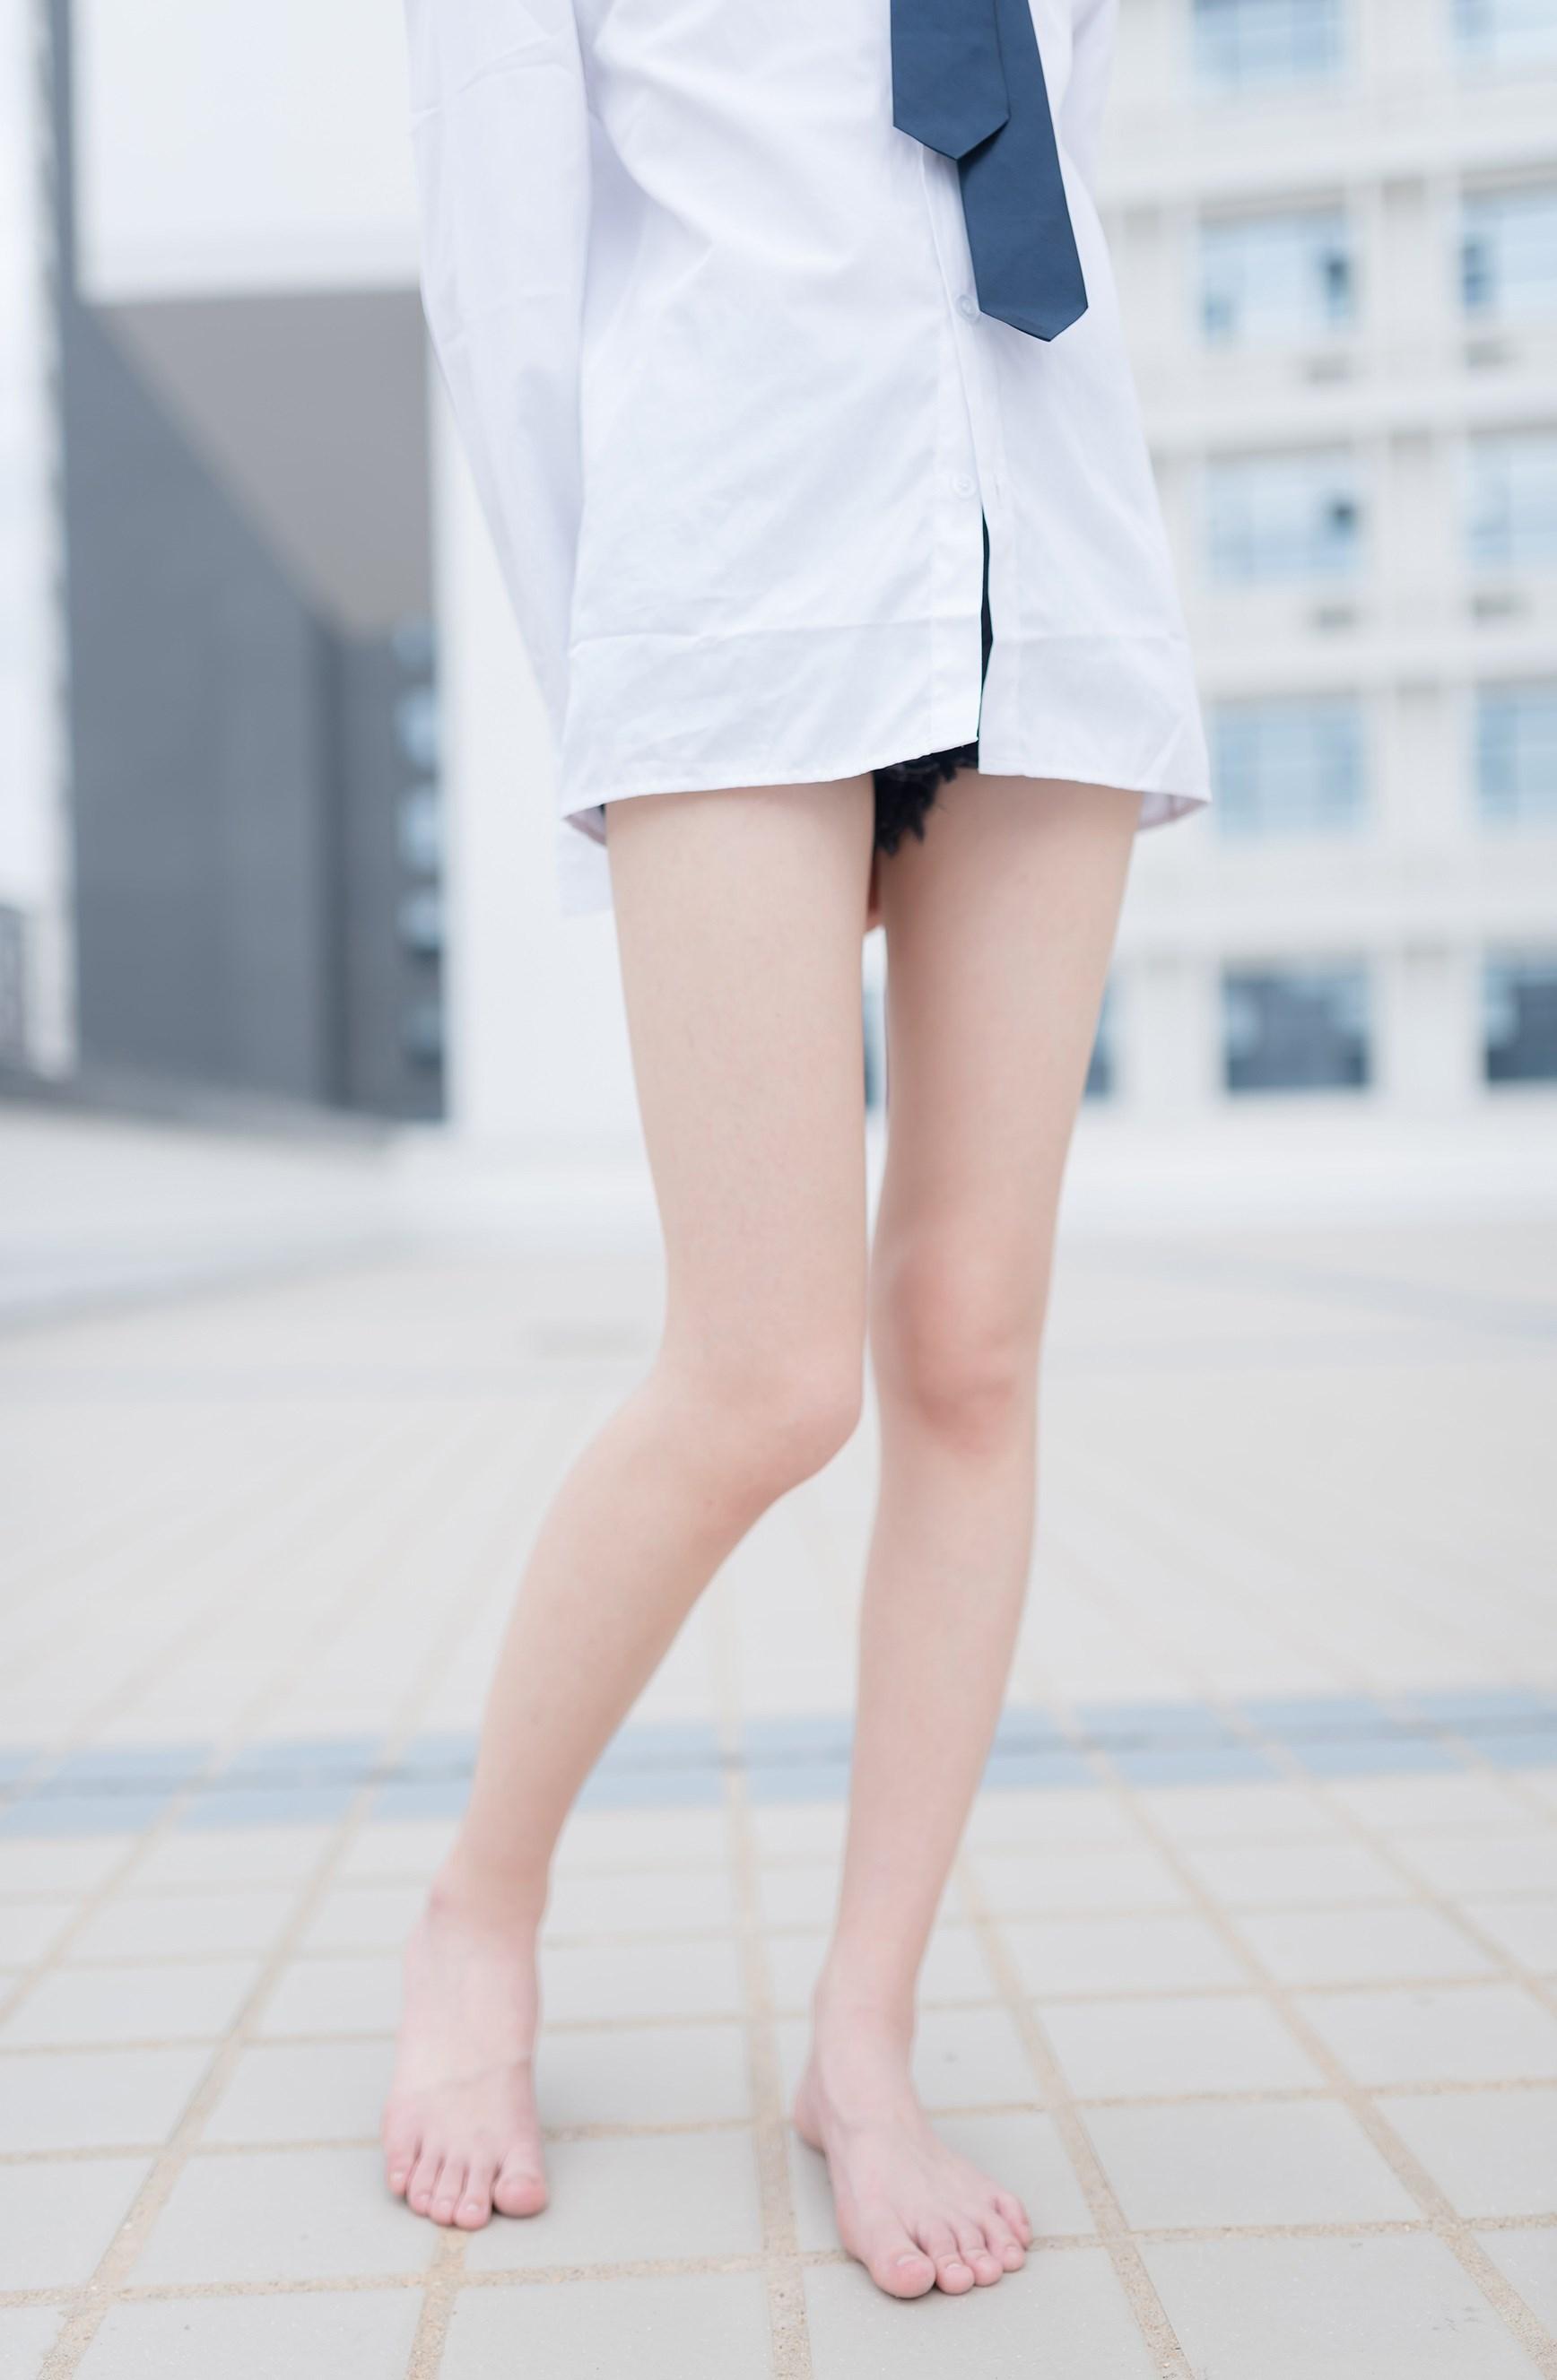 【兔玩映画】裸脚白衬衫 · 足控福利 兔玩映画 第3张